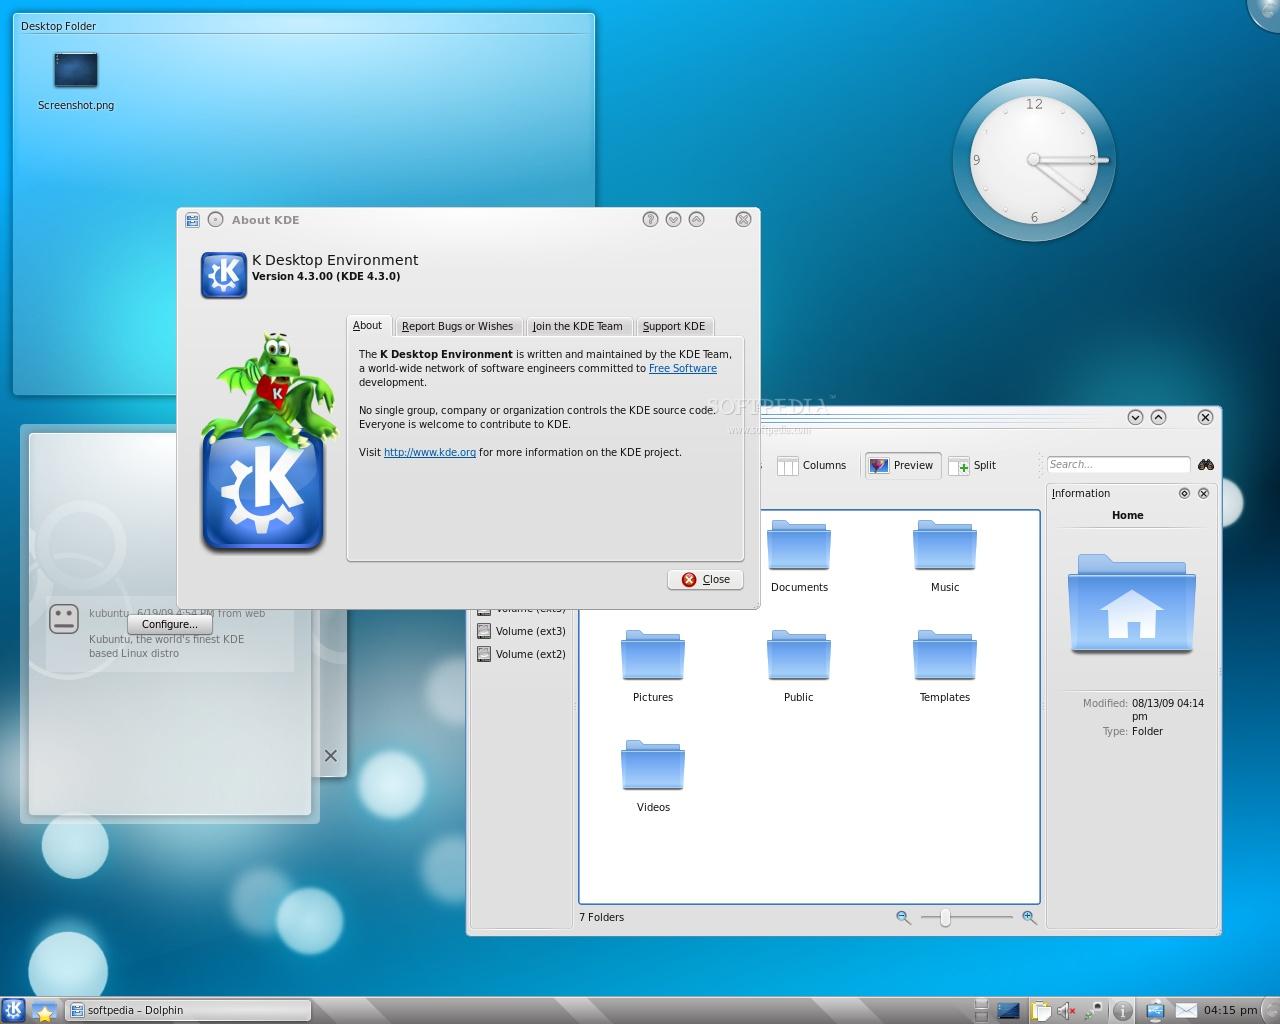 ubuntu910alpha4-large_005